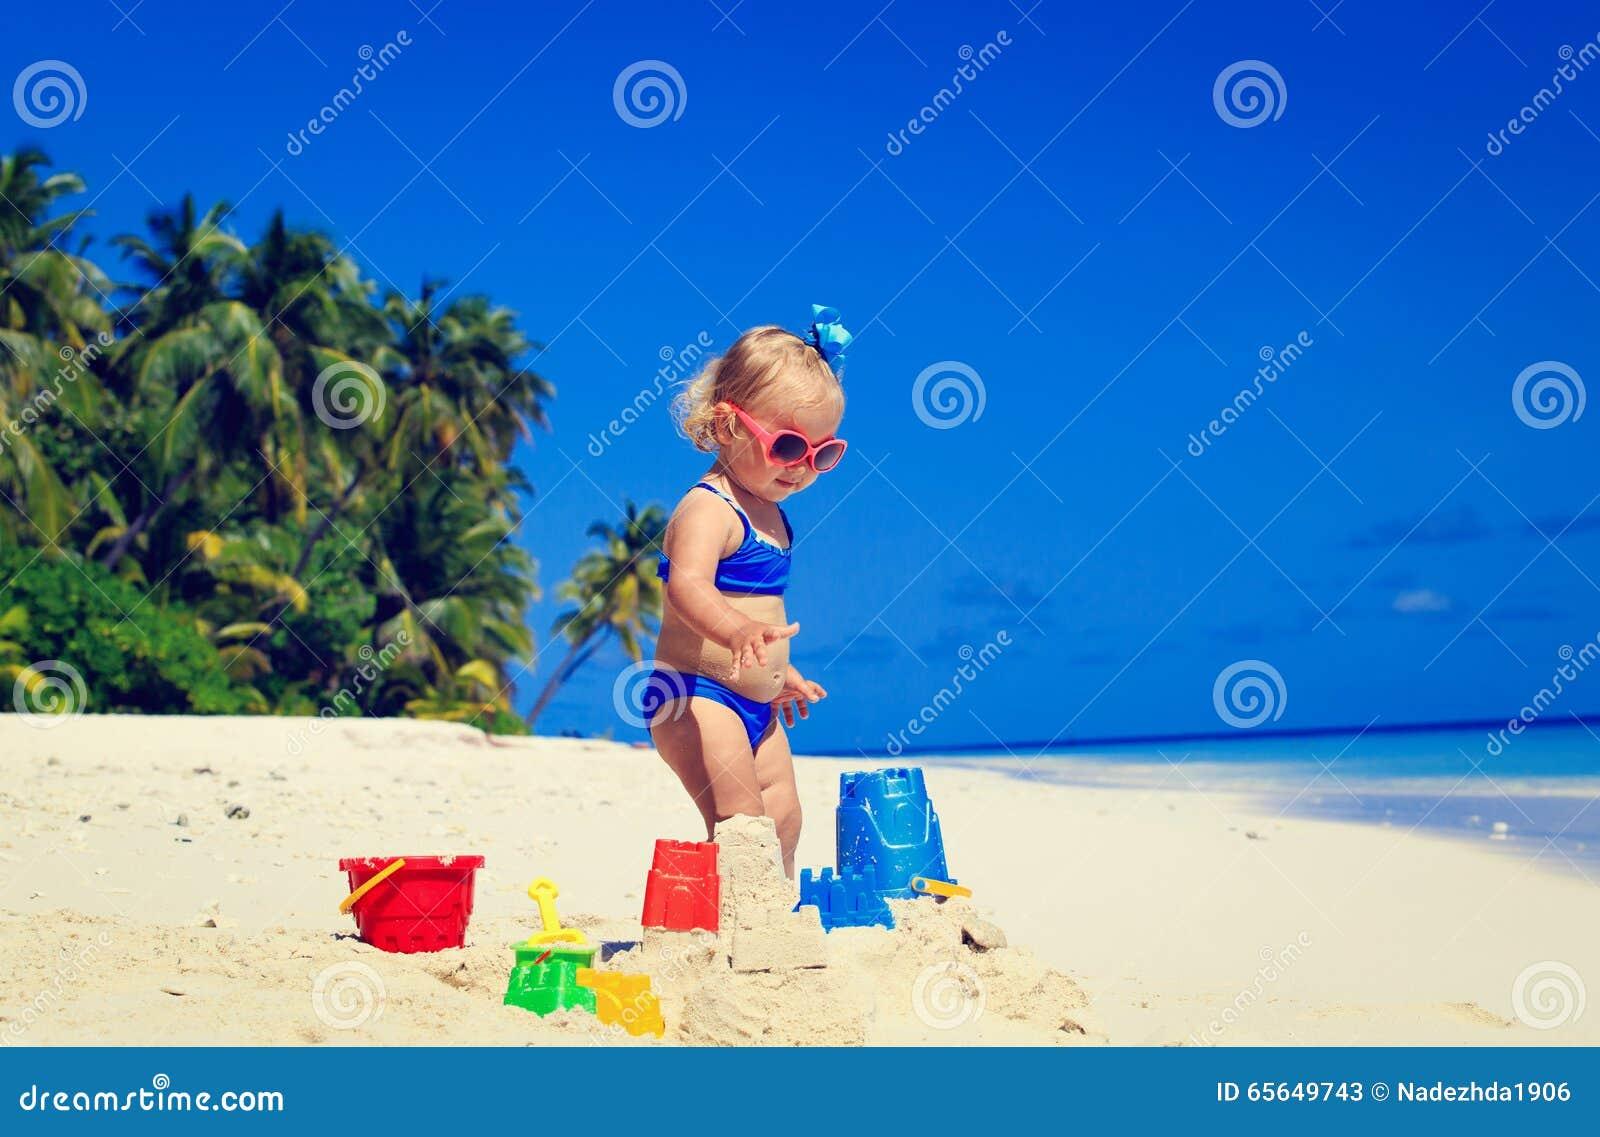 Pâté de sable mignon de bâtiment de petite fille sur la plage